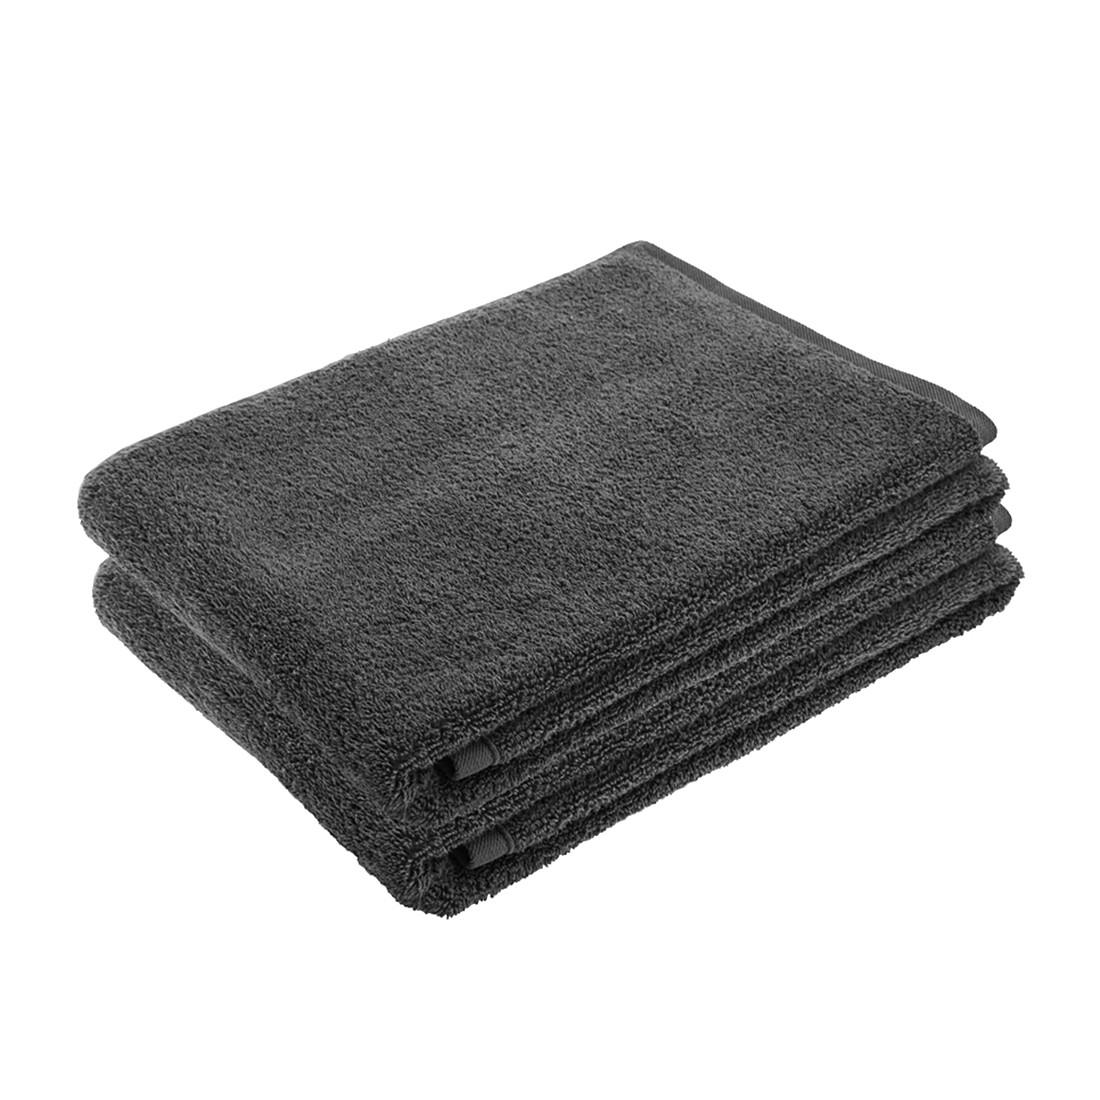 Handtuch-Set PURE (2-teilig) – 100% Baumwolle – Grau, stilana jetzt bestellen